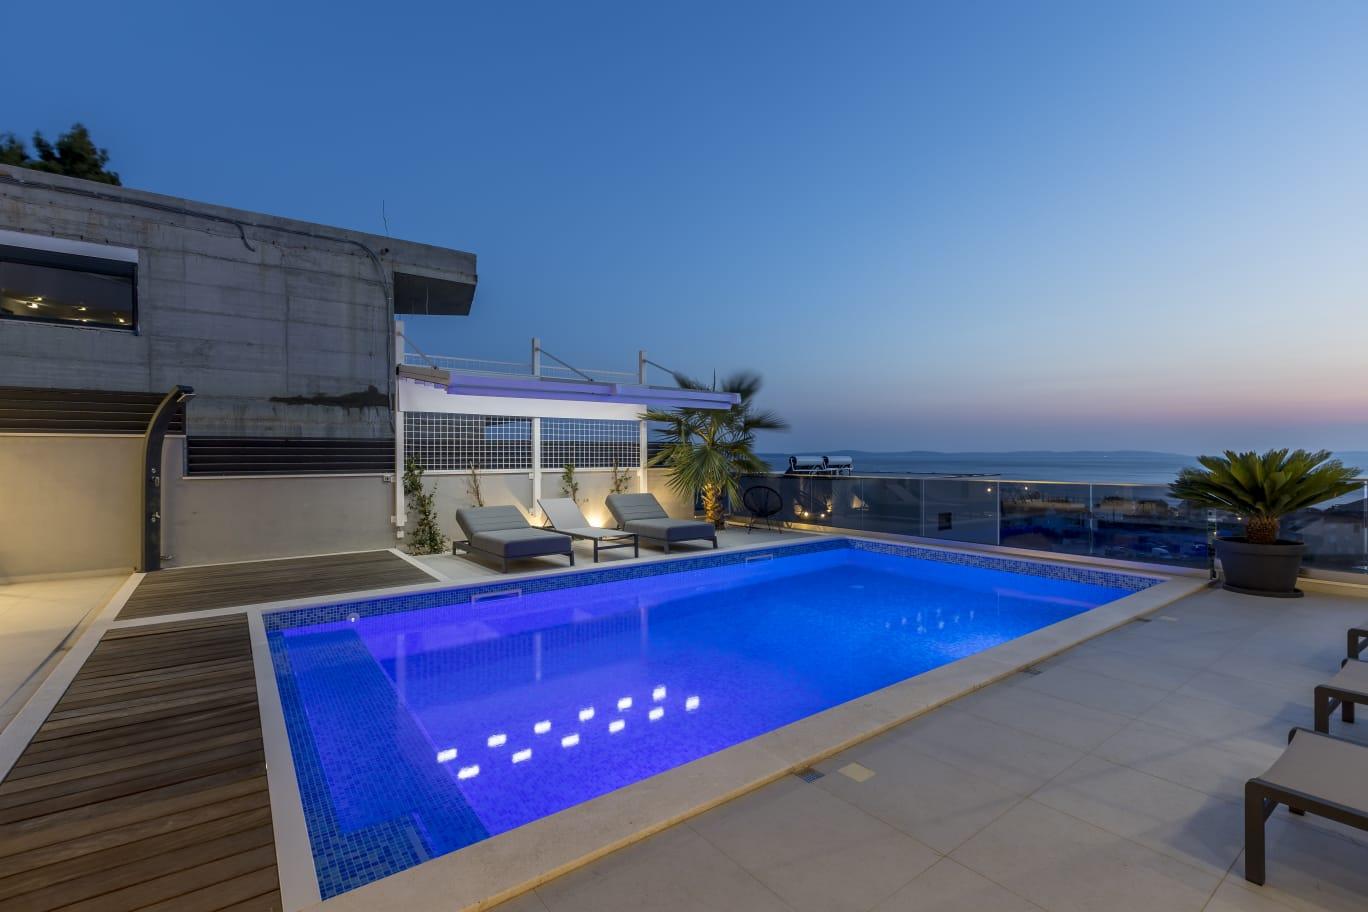 pergola-uz-bazen-osvjetljenje